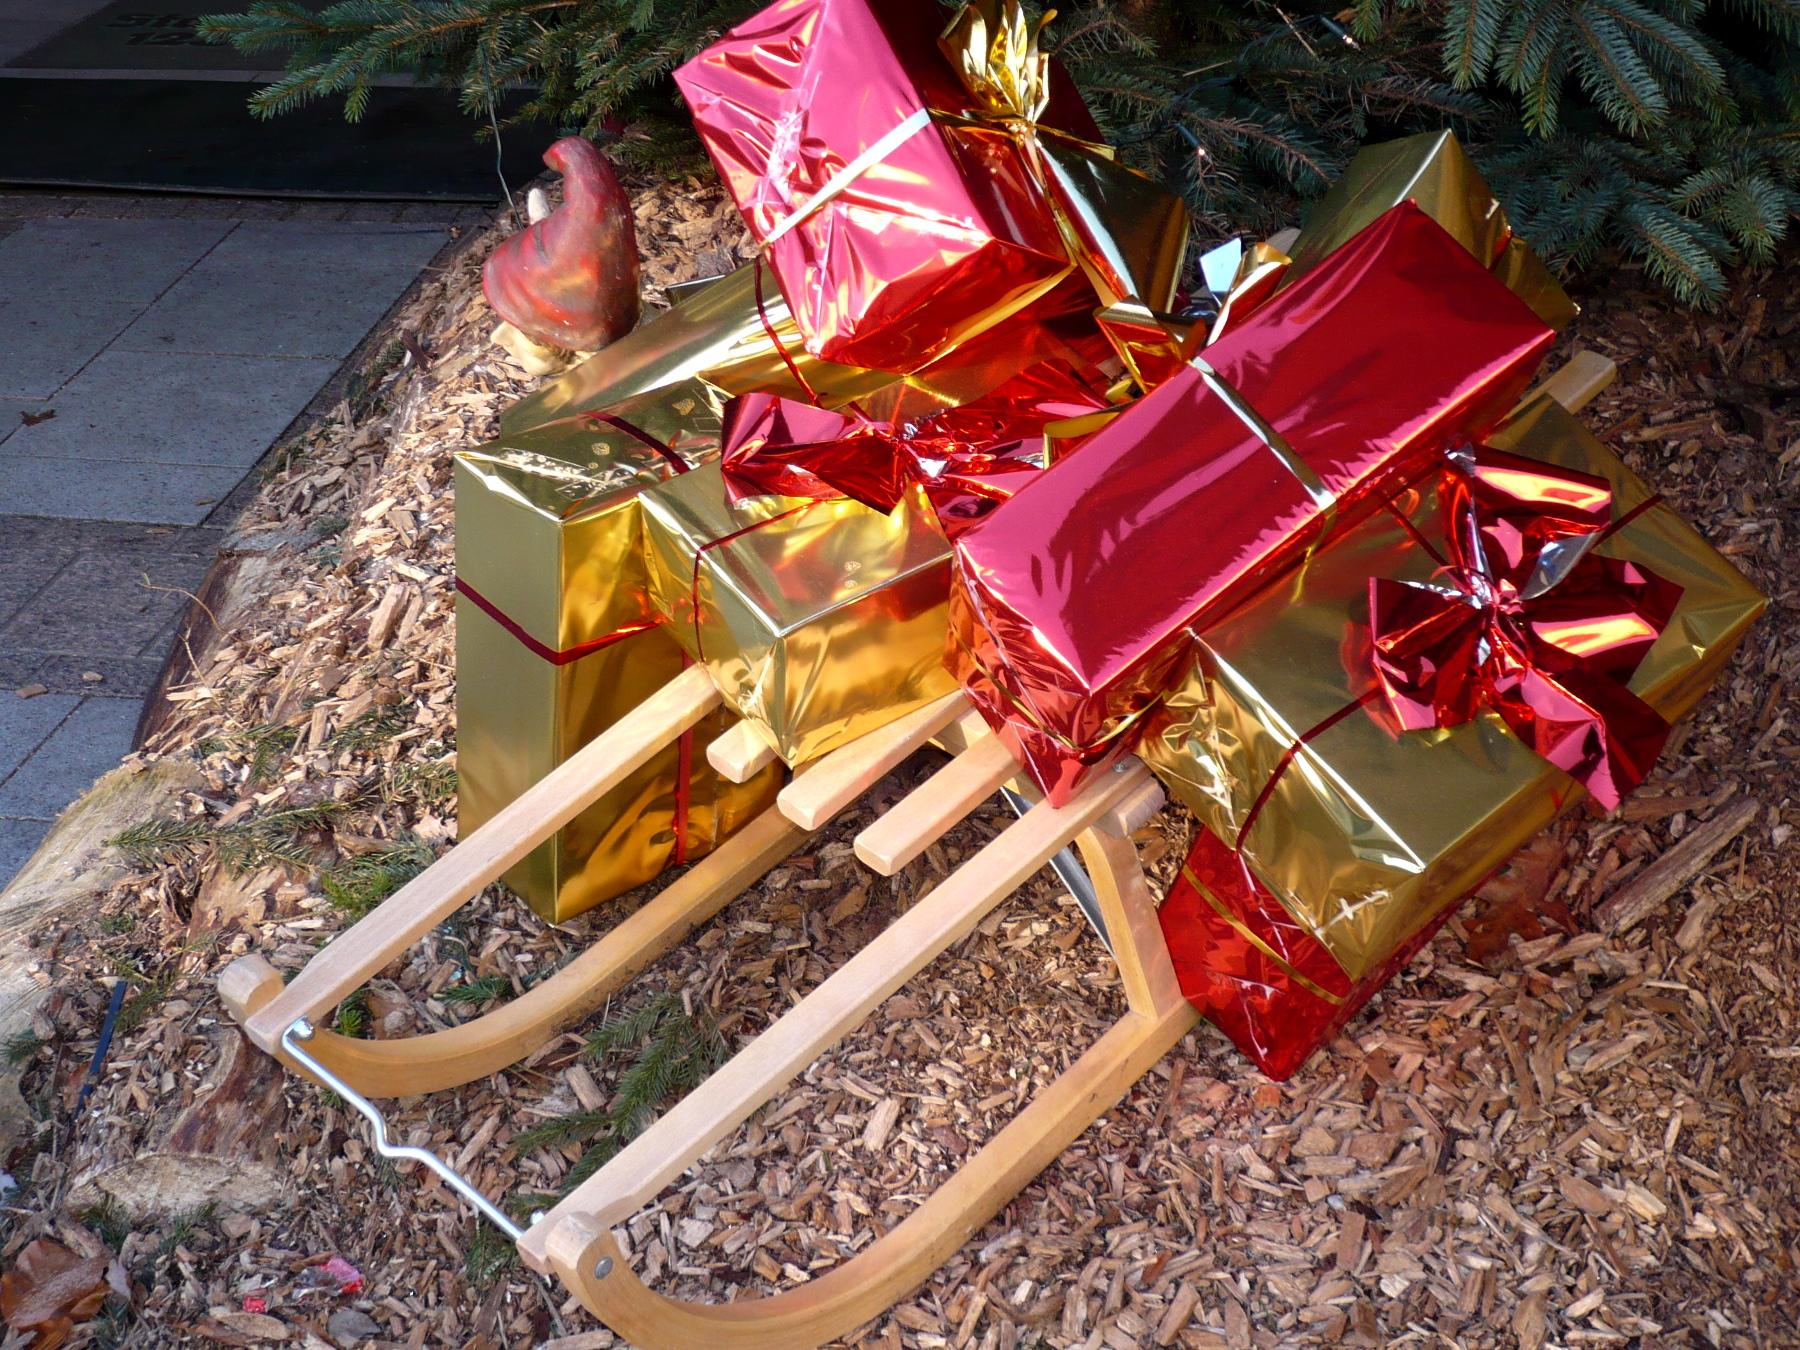 supplemente als weihnachtsgeschenk lieber nicht. Black Bedroom Furniture Sets. Home Design Ideas